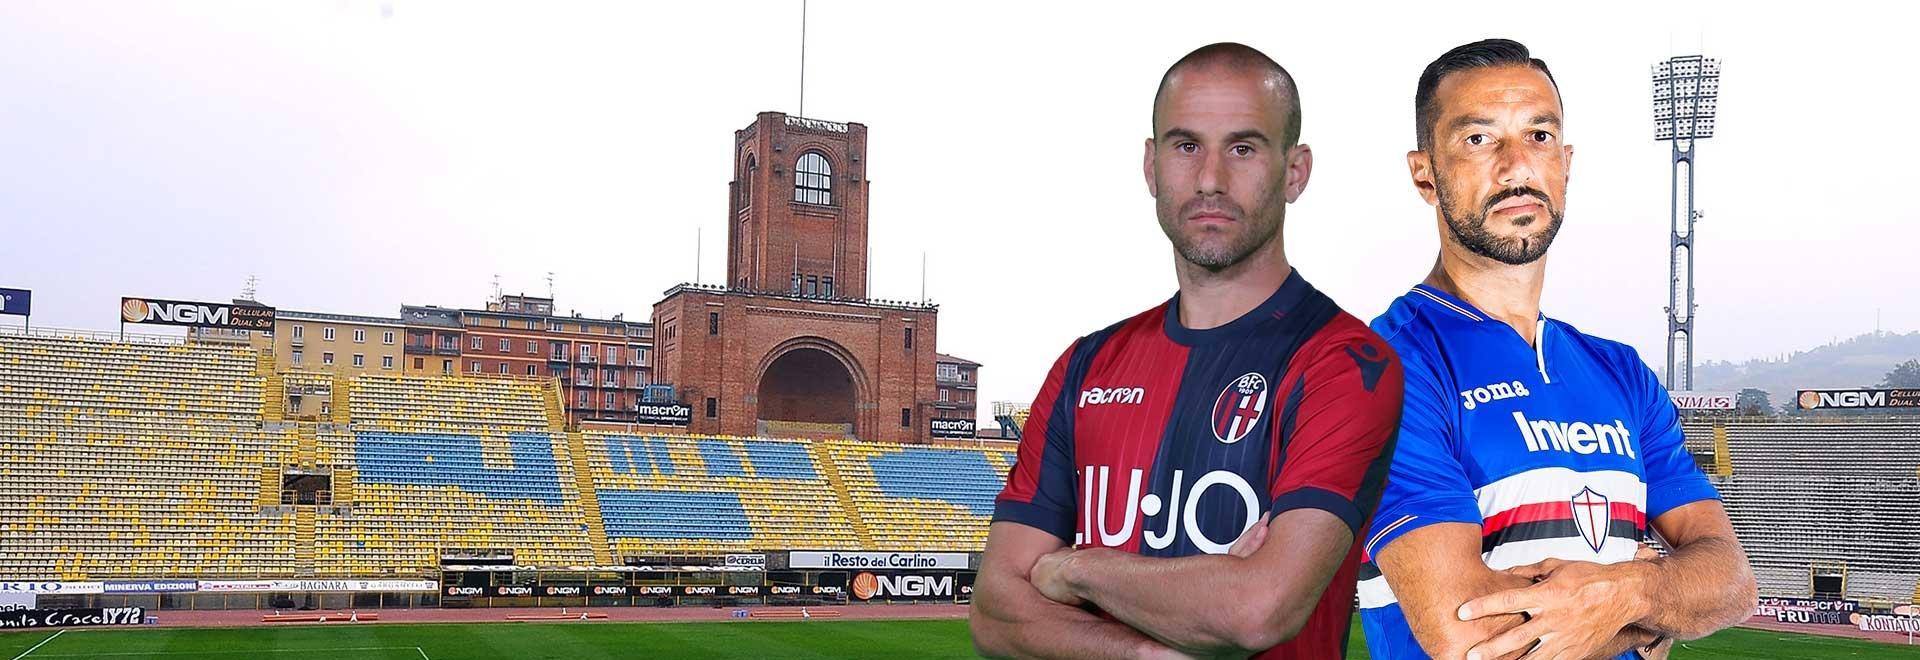 Bologna - Sampdoria. 33a g.